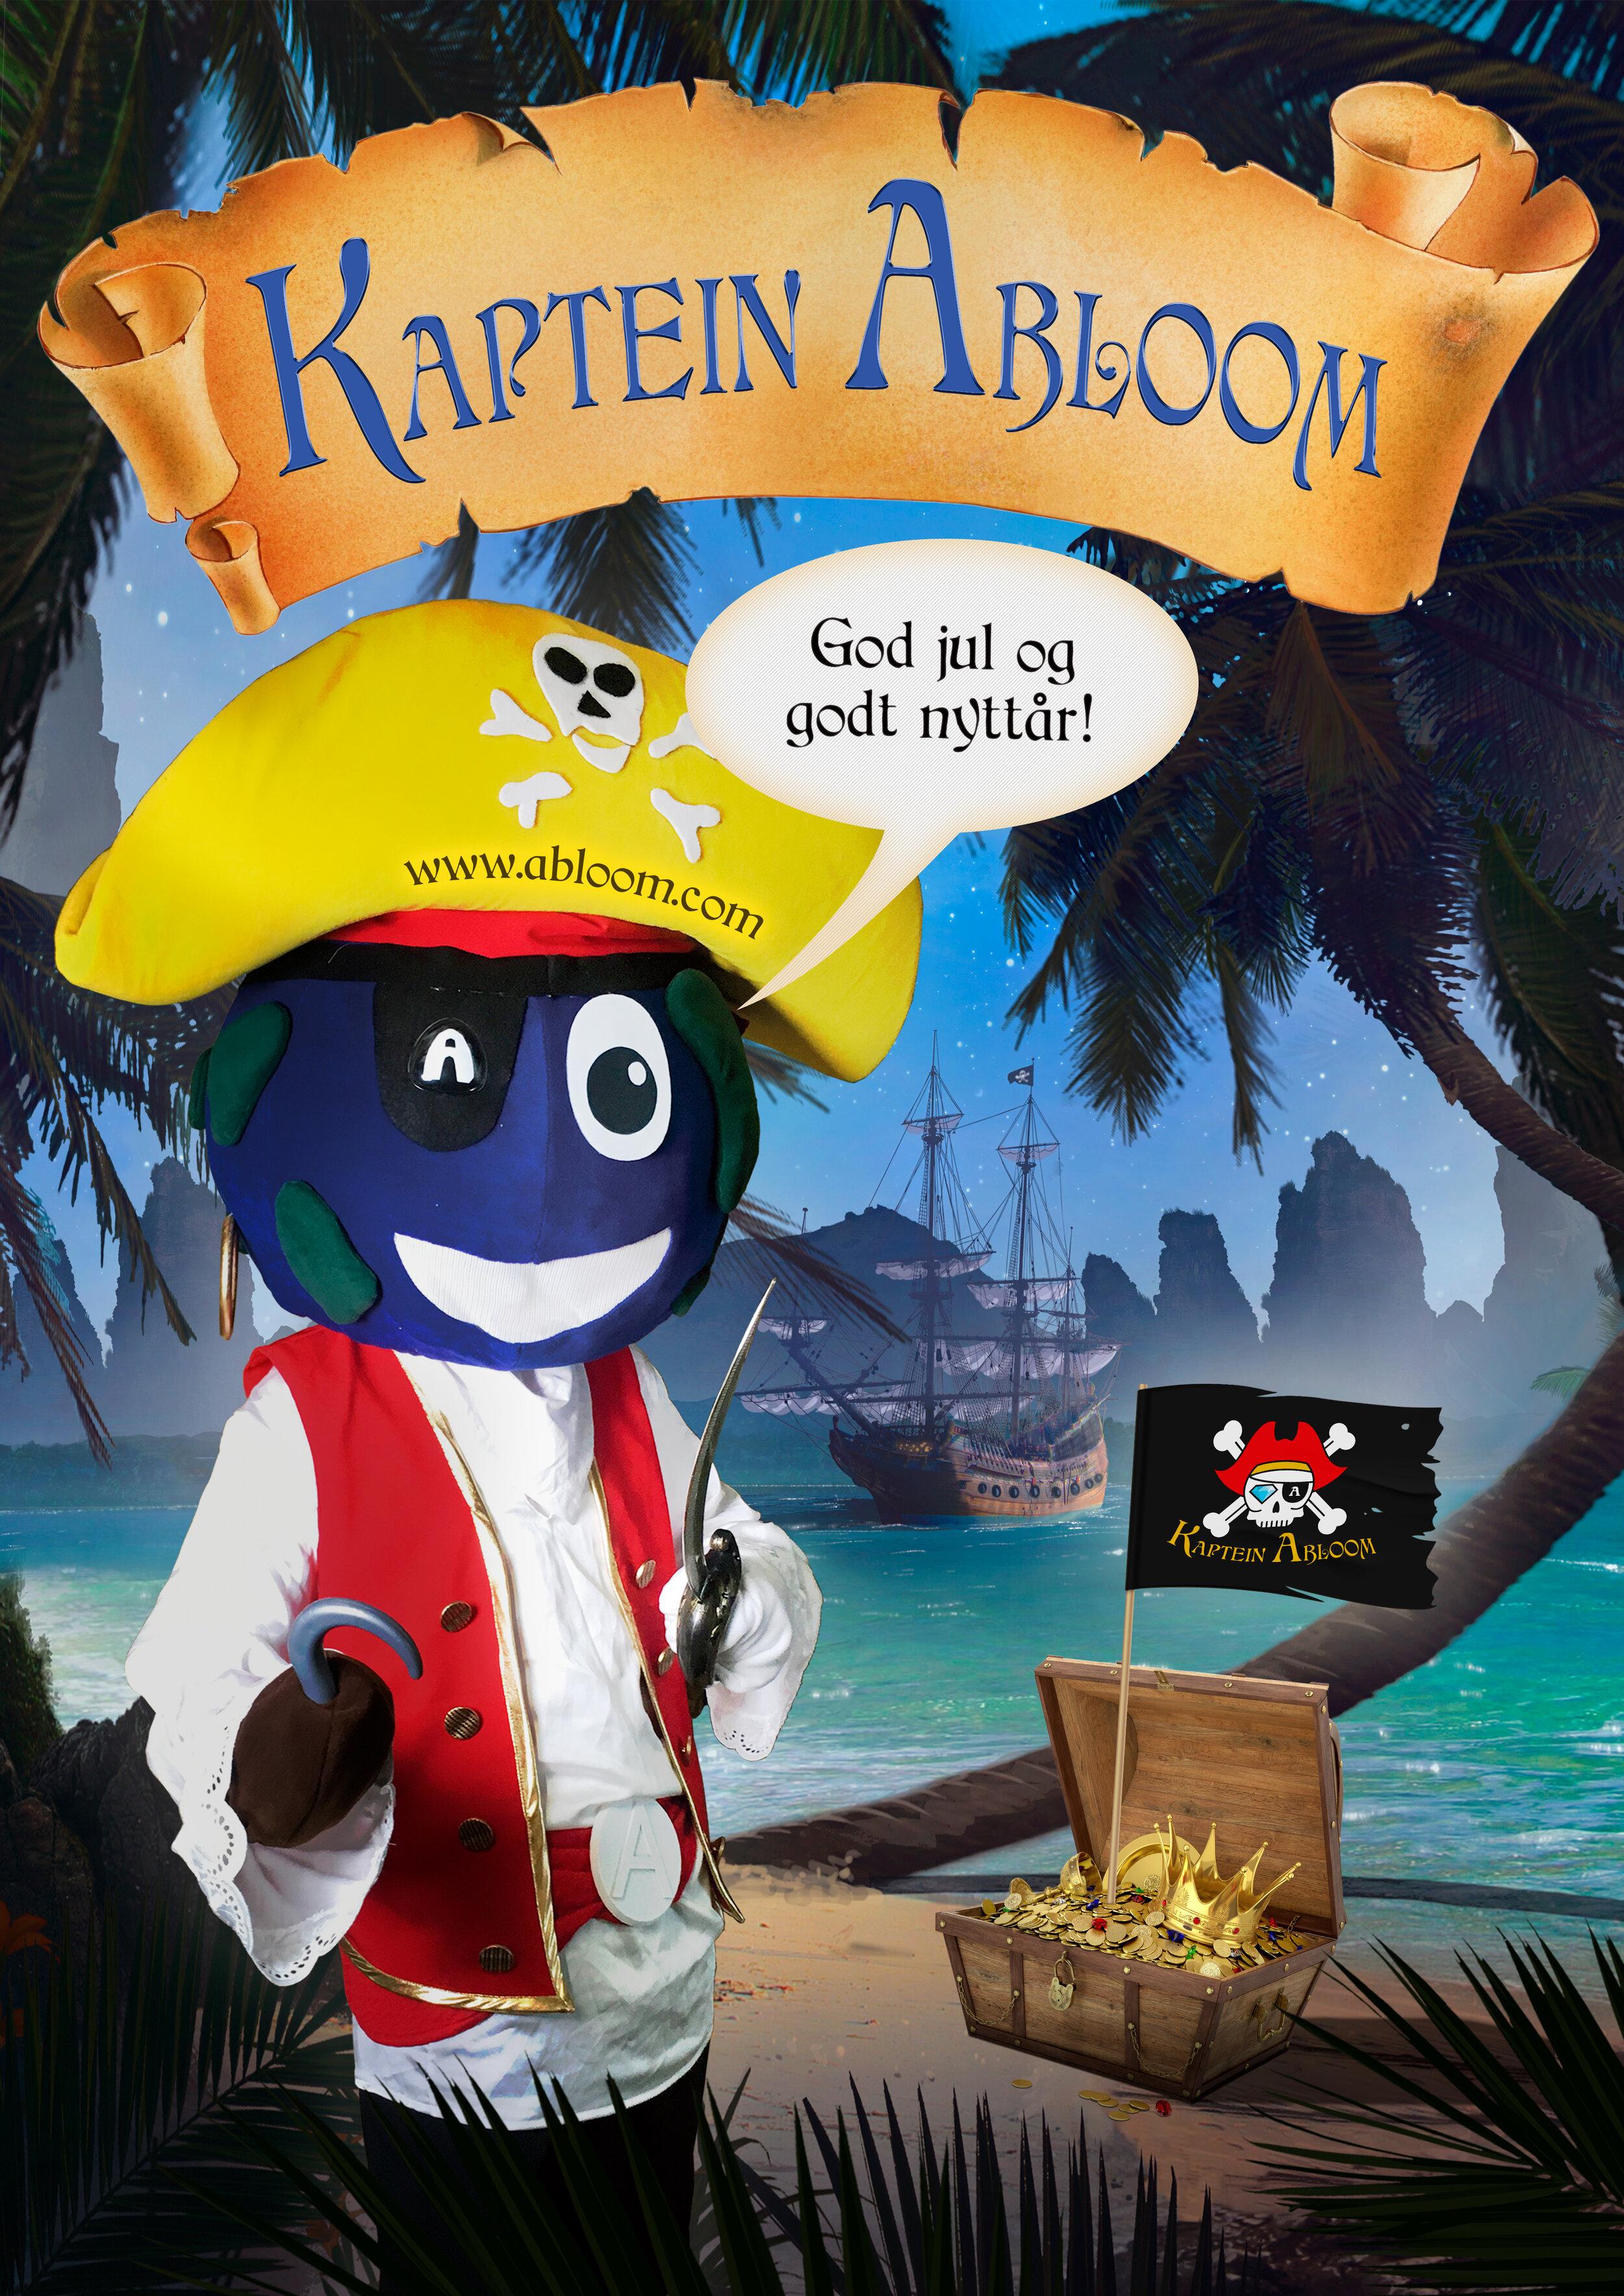 Kaptein Abloom ønsker alle en god jul og et godt nytt år.